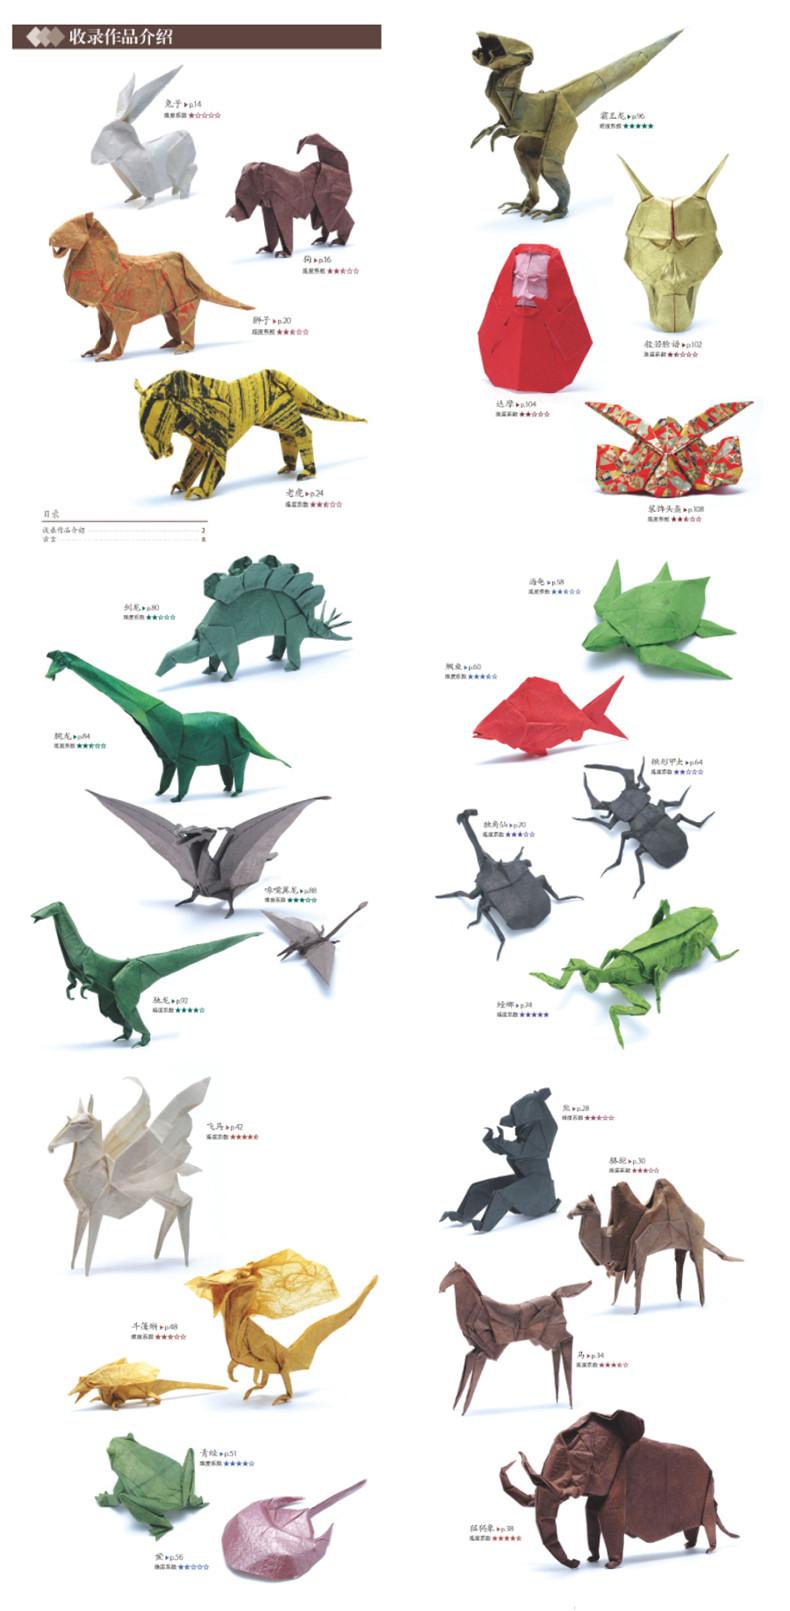 折叠而成的艺术品 生动折纸 恐龙手工立体折纸 儿童折纸技术大全 动物